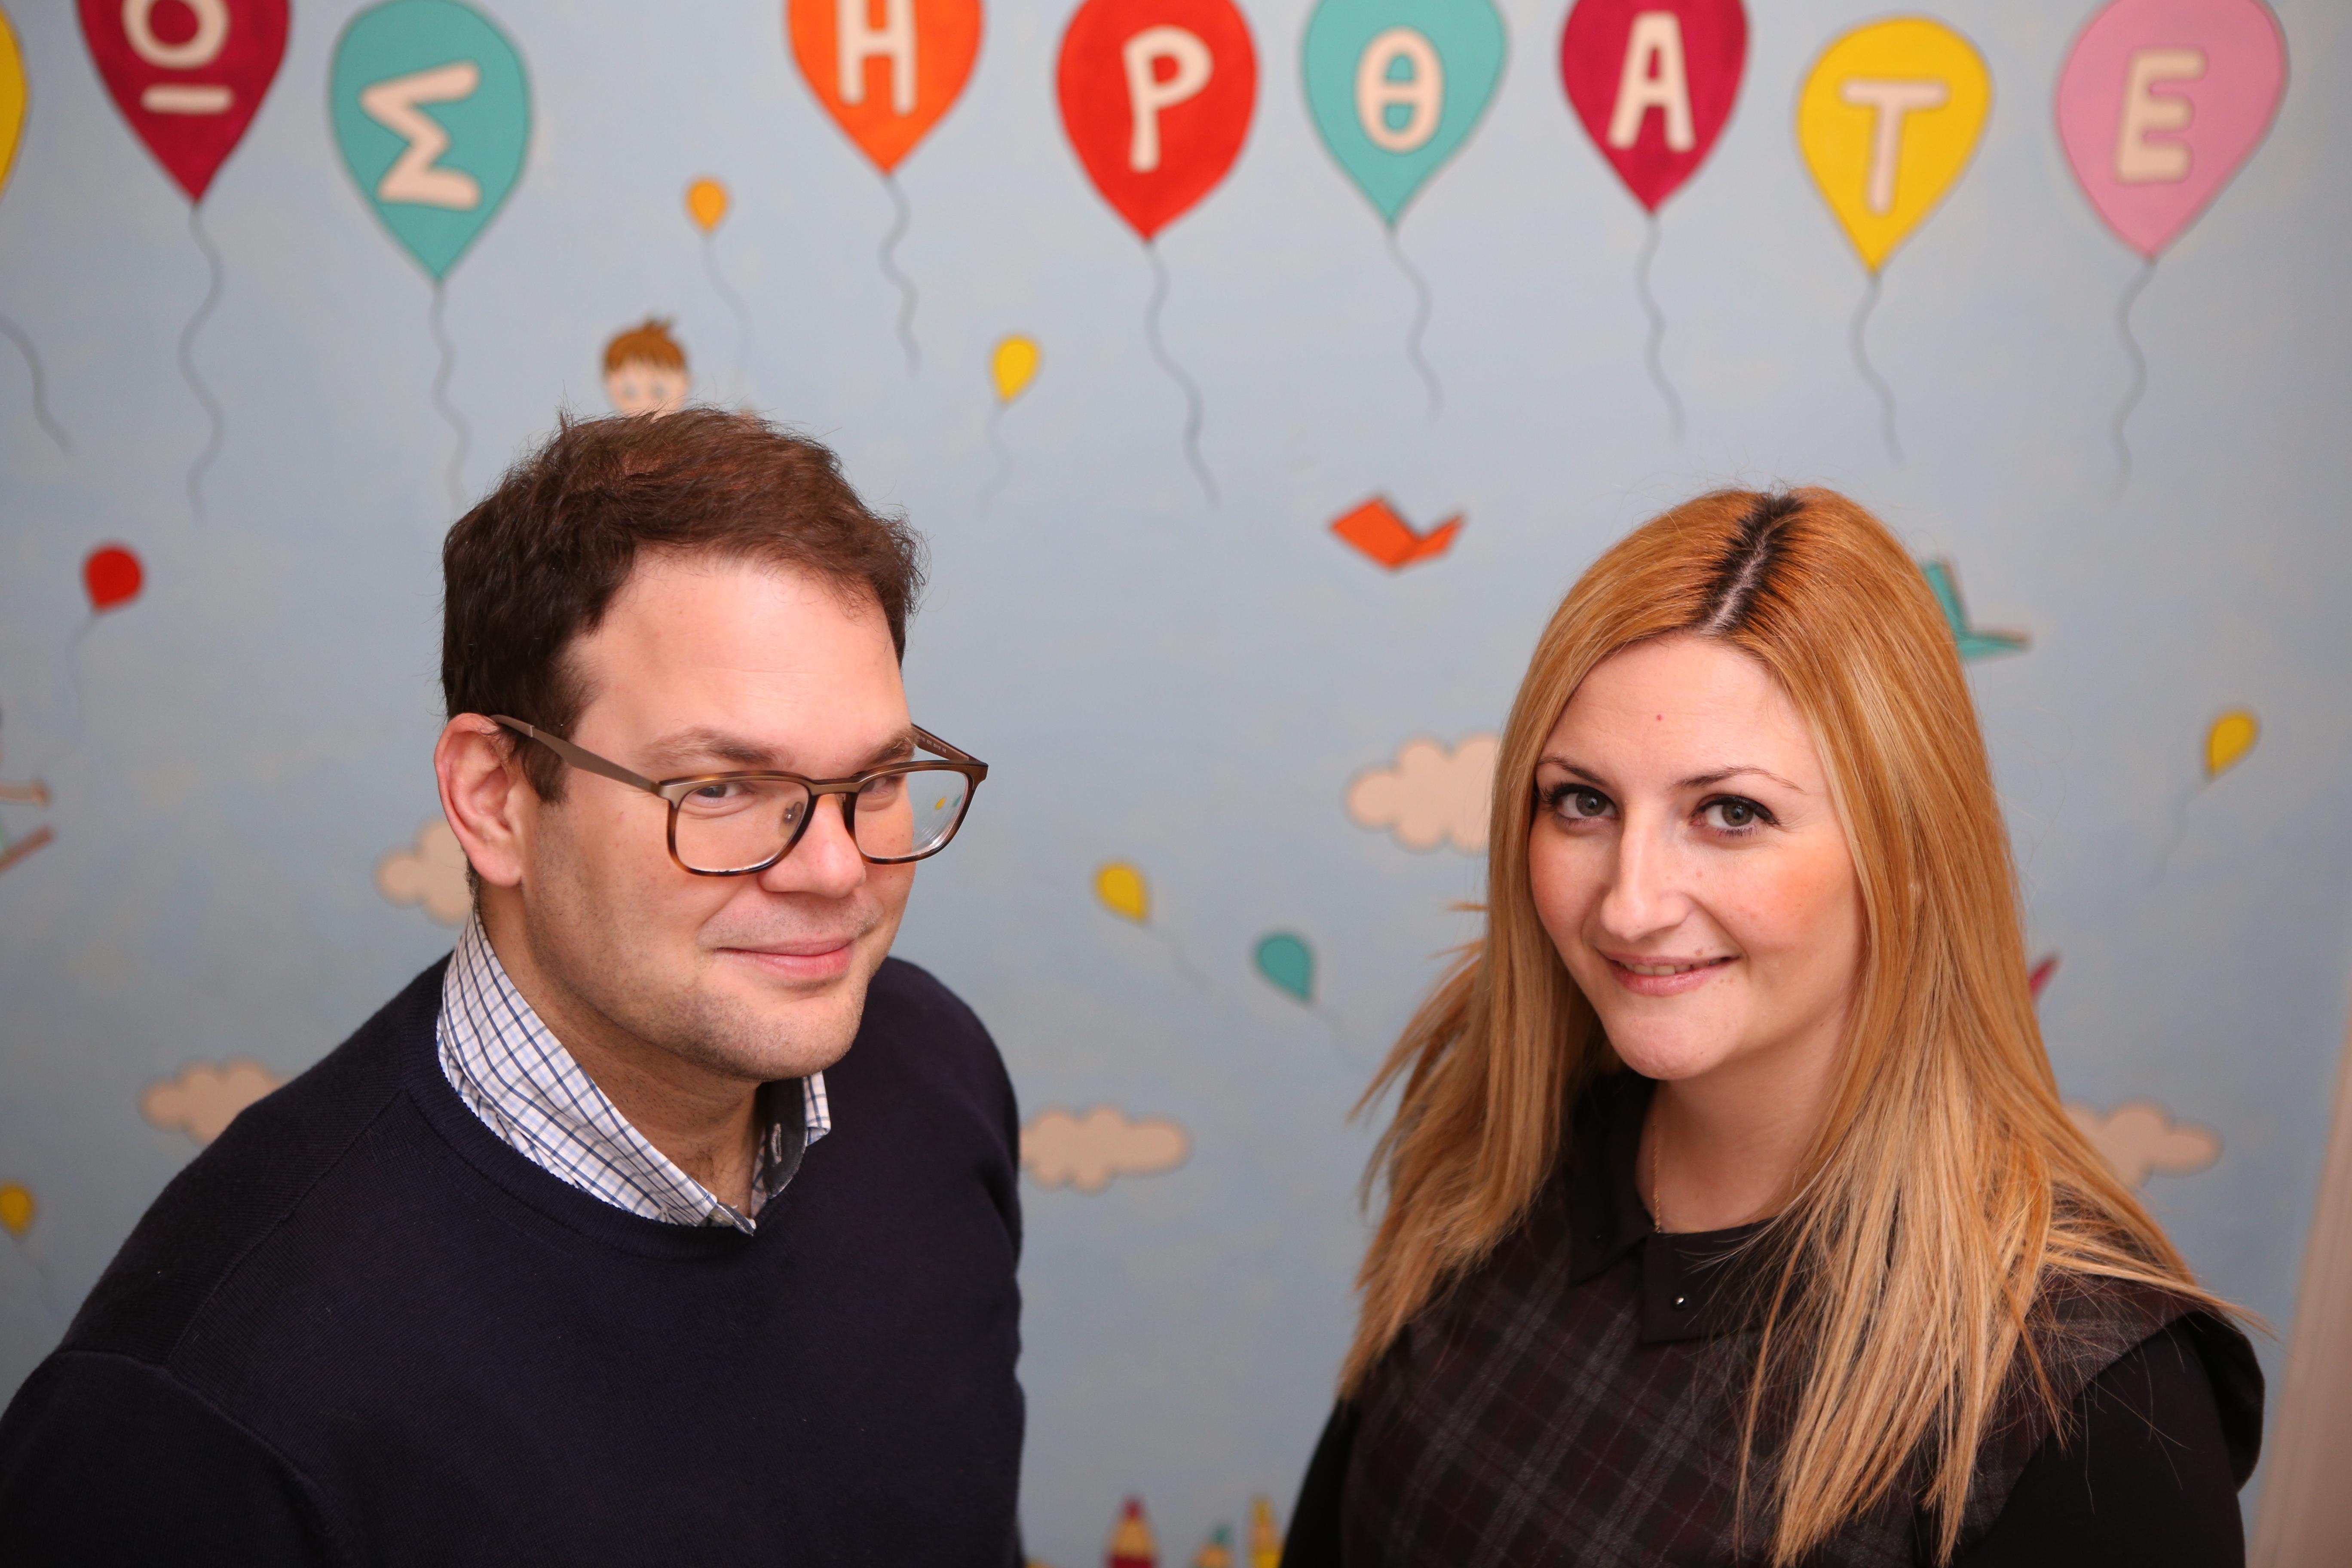 καλή διαφορά ηλικίας χρονολογίων λεσβιακό ιστοσελίδα dating Βόρεια Ιρλανδία